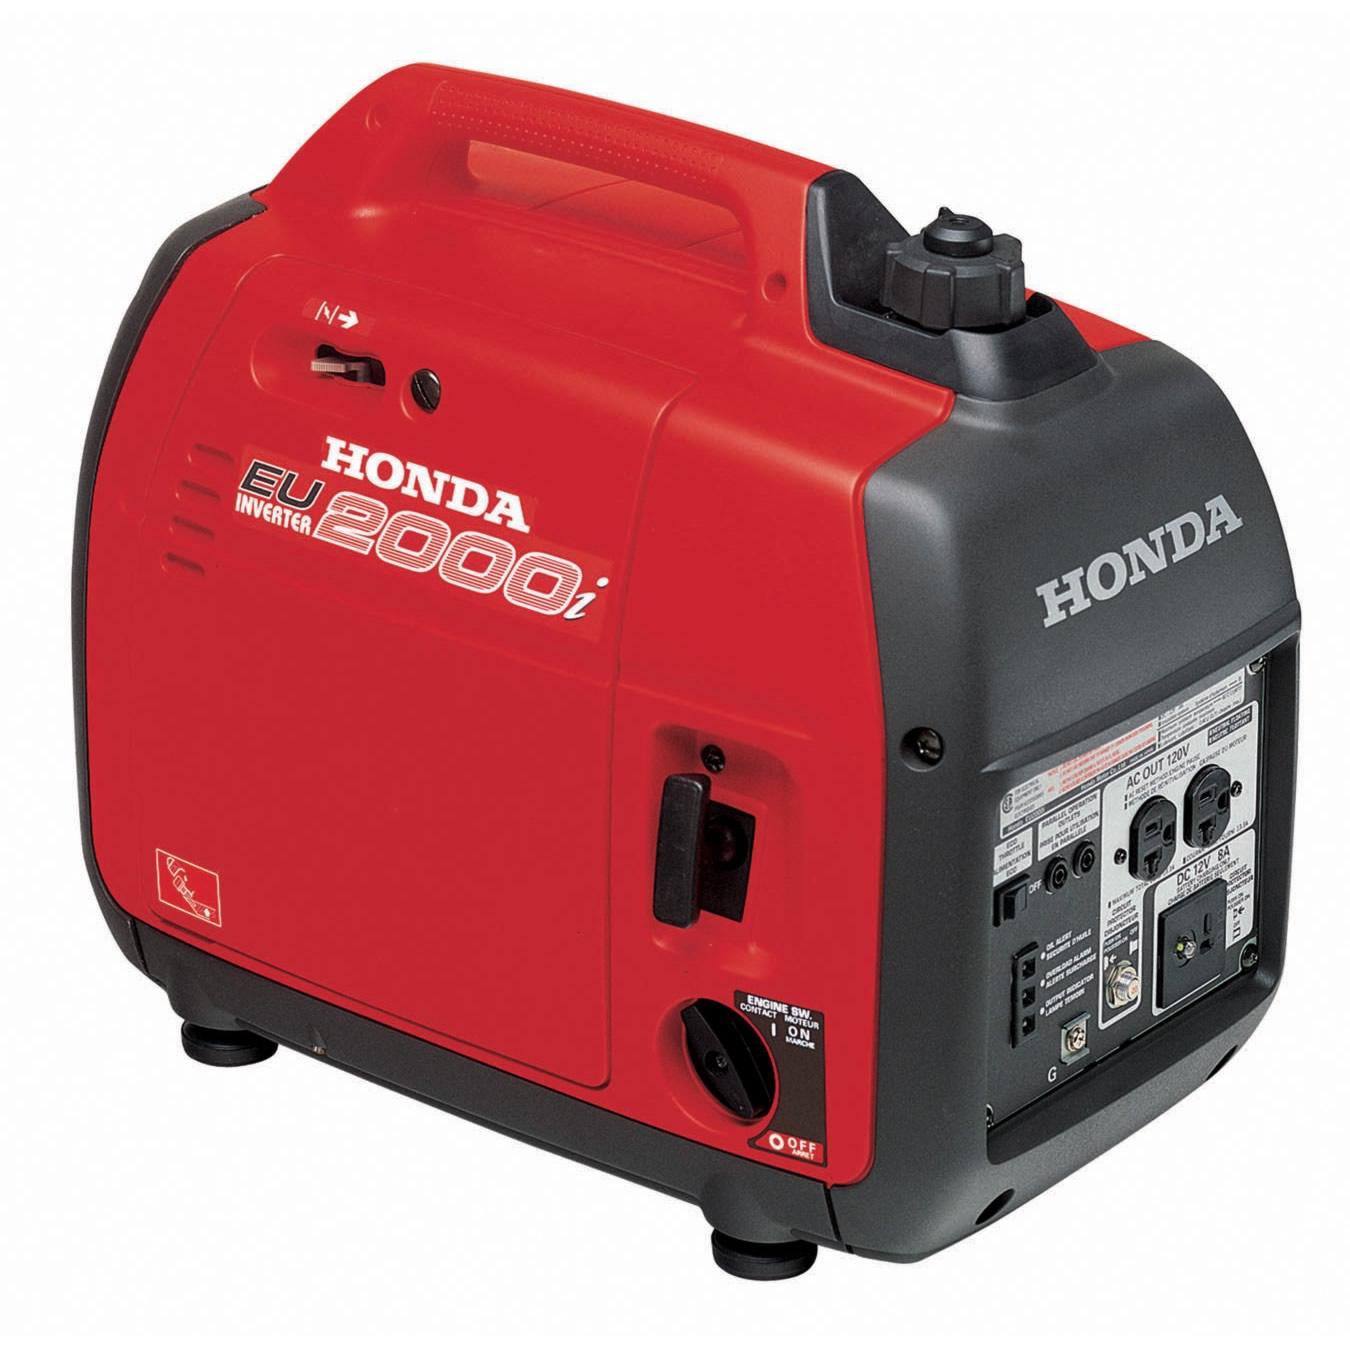 Wiring Diagram For Honda Eu2000i Generator Electrical E300 Eu2000 Wire Operator Manual Exhaust